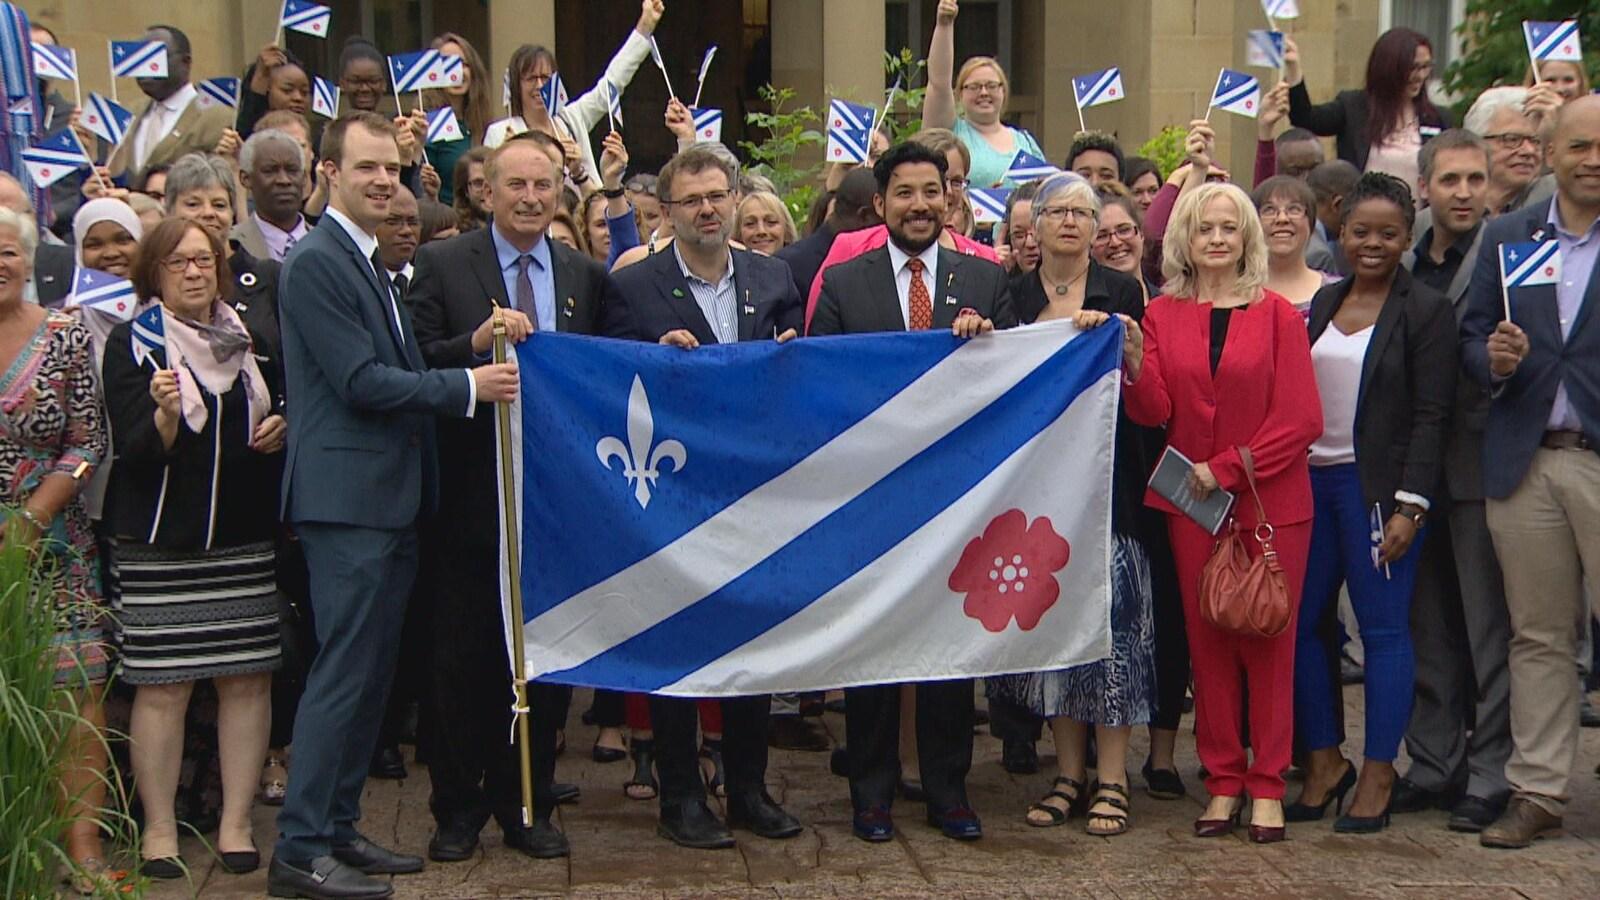 En avant-plan, le drapeau franco-albertain porté par quatre personnes, derrière eux une foule avec des petits drapeaux à la main. 14 juin 2017 : Jour de célébration pour la francophonie albertaine. Son drapeau devient un emblème provincial.